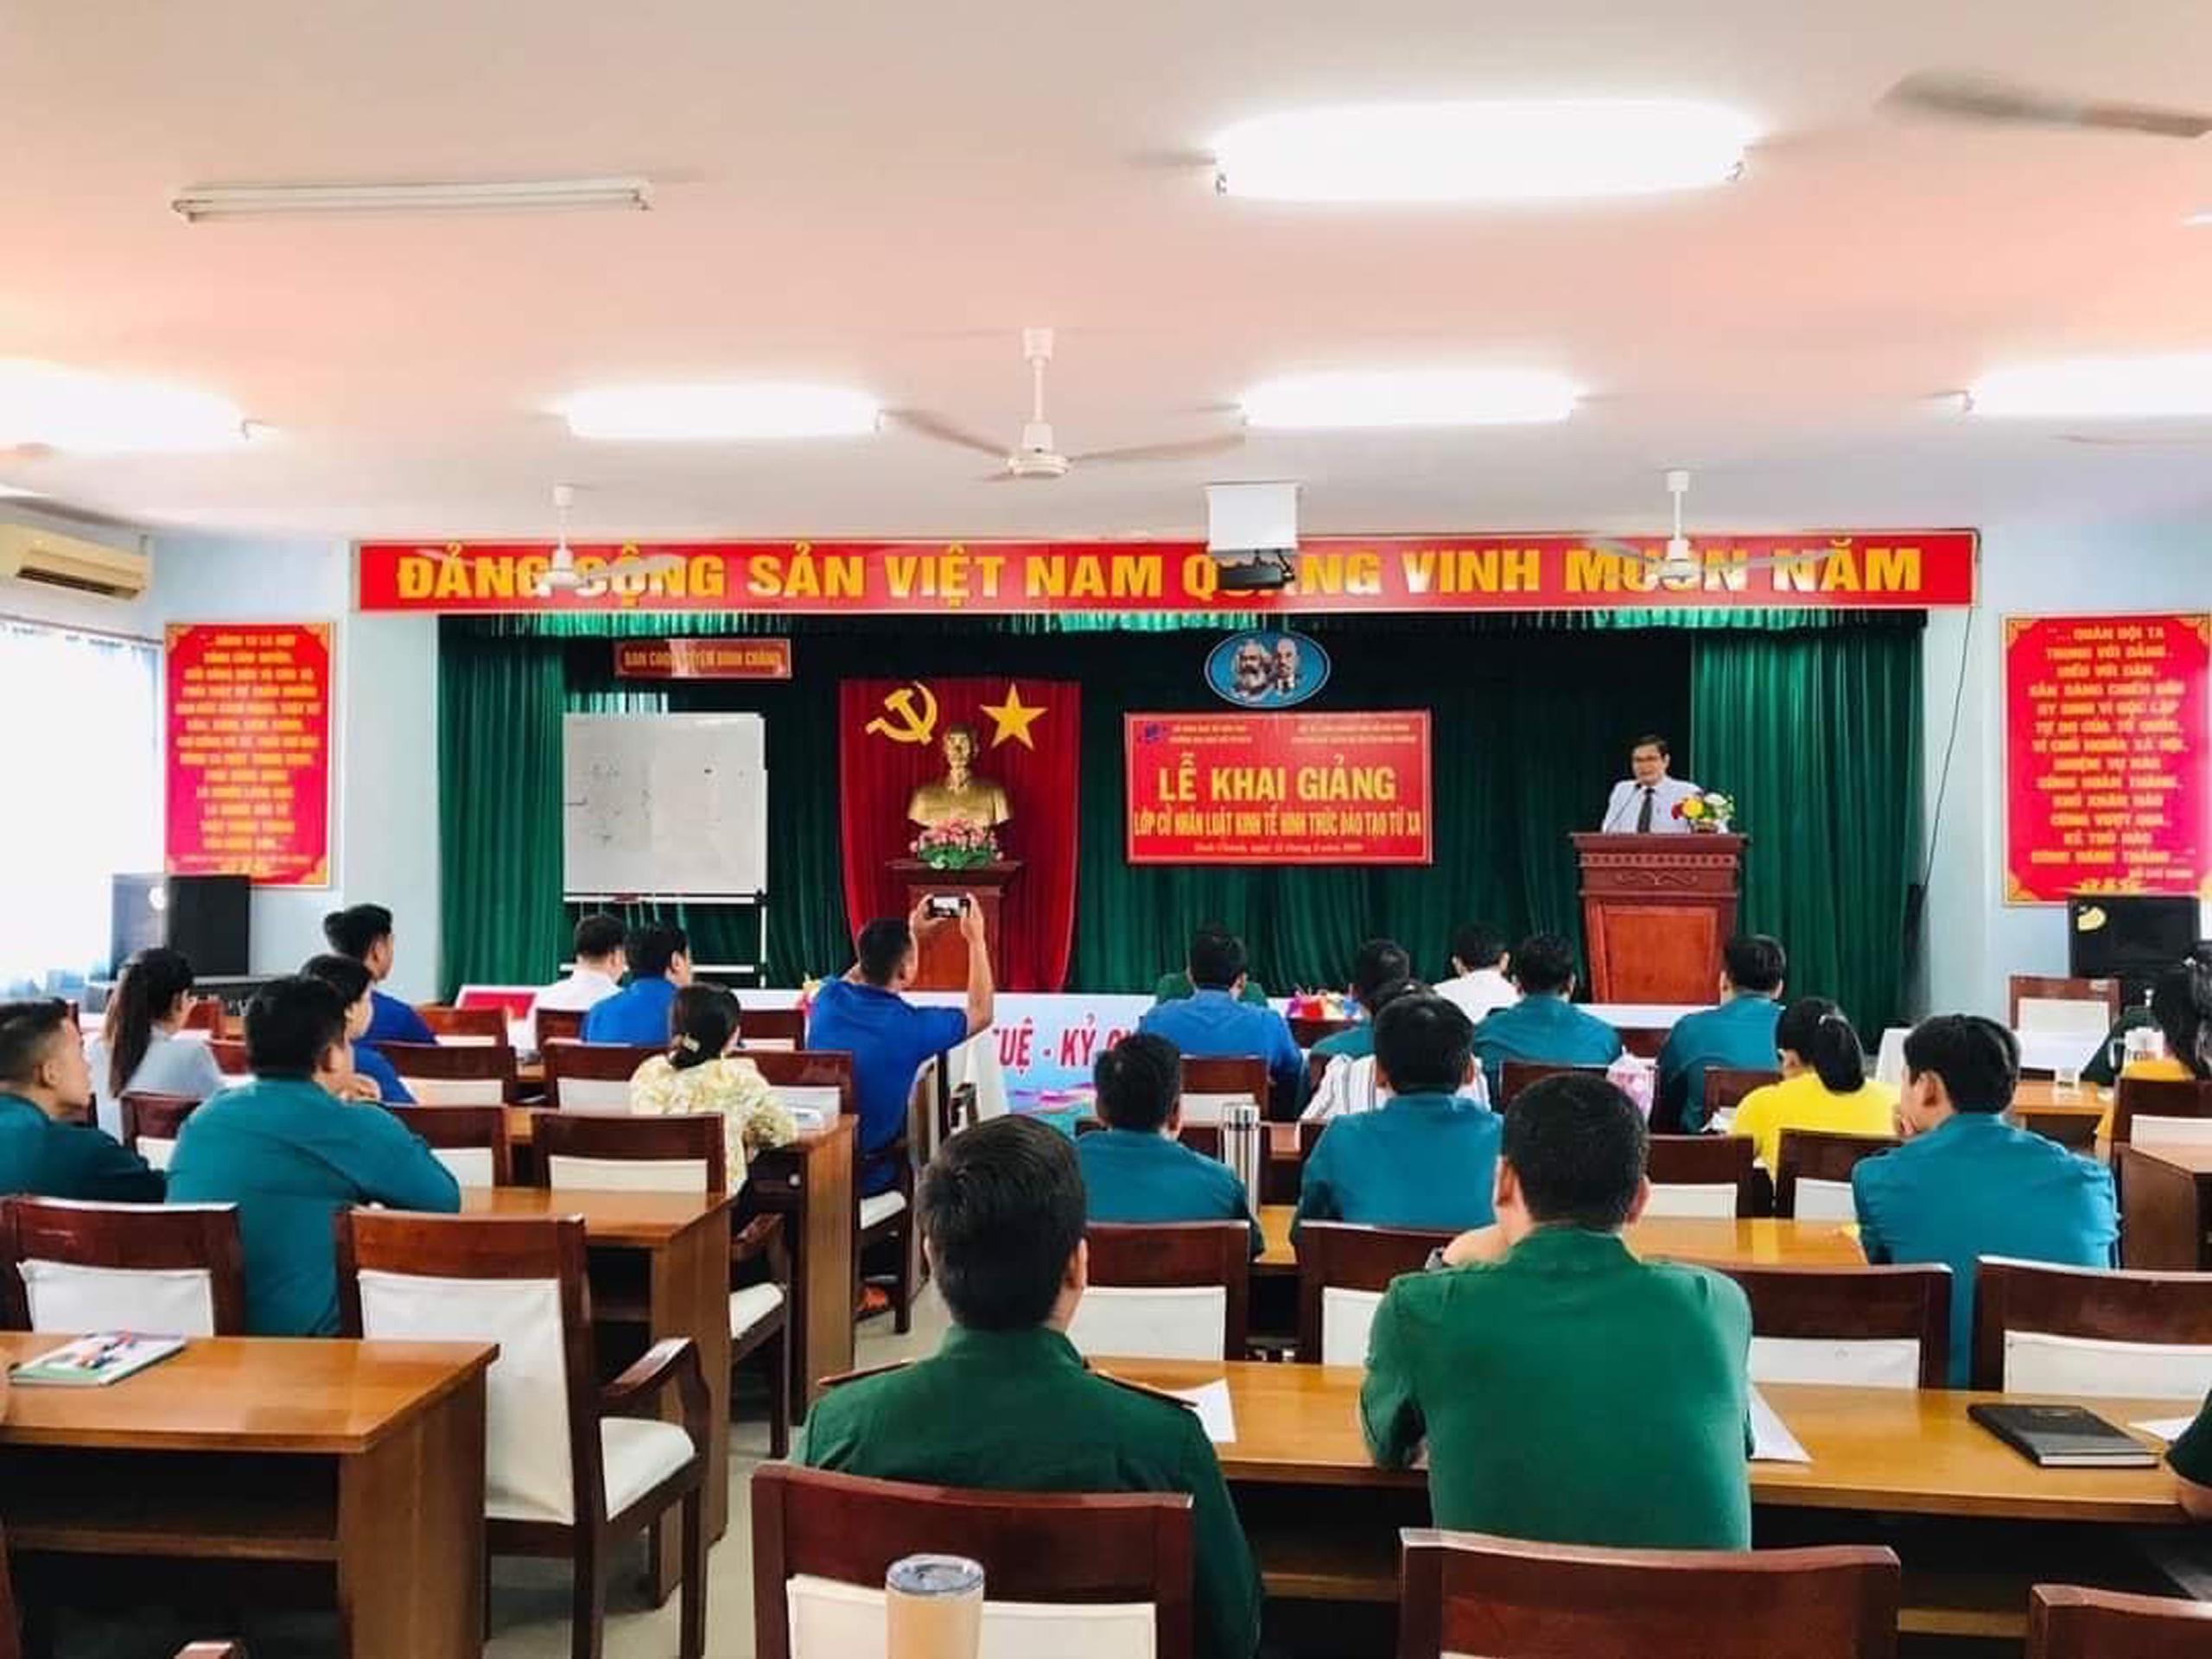 PGS.TS. Nguyễn Minh Hà - Hiệu trưởng Trường ĐH Mở TPHCM phát biểu tại buổi Lễ